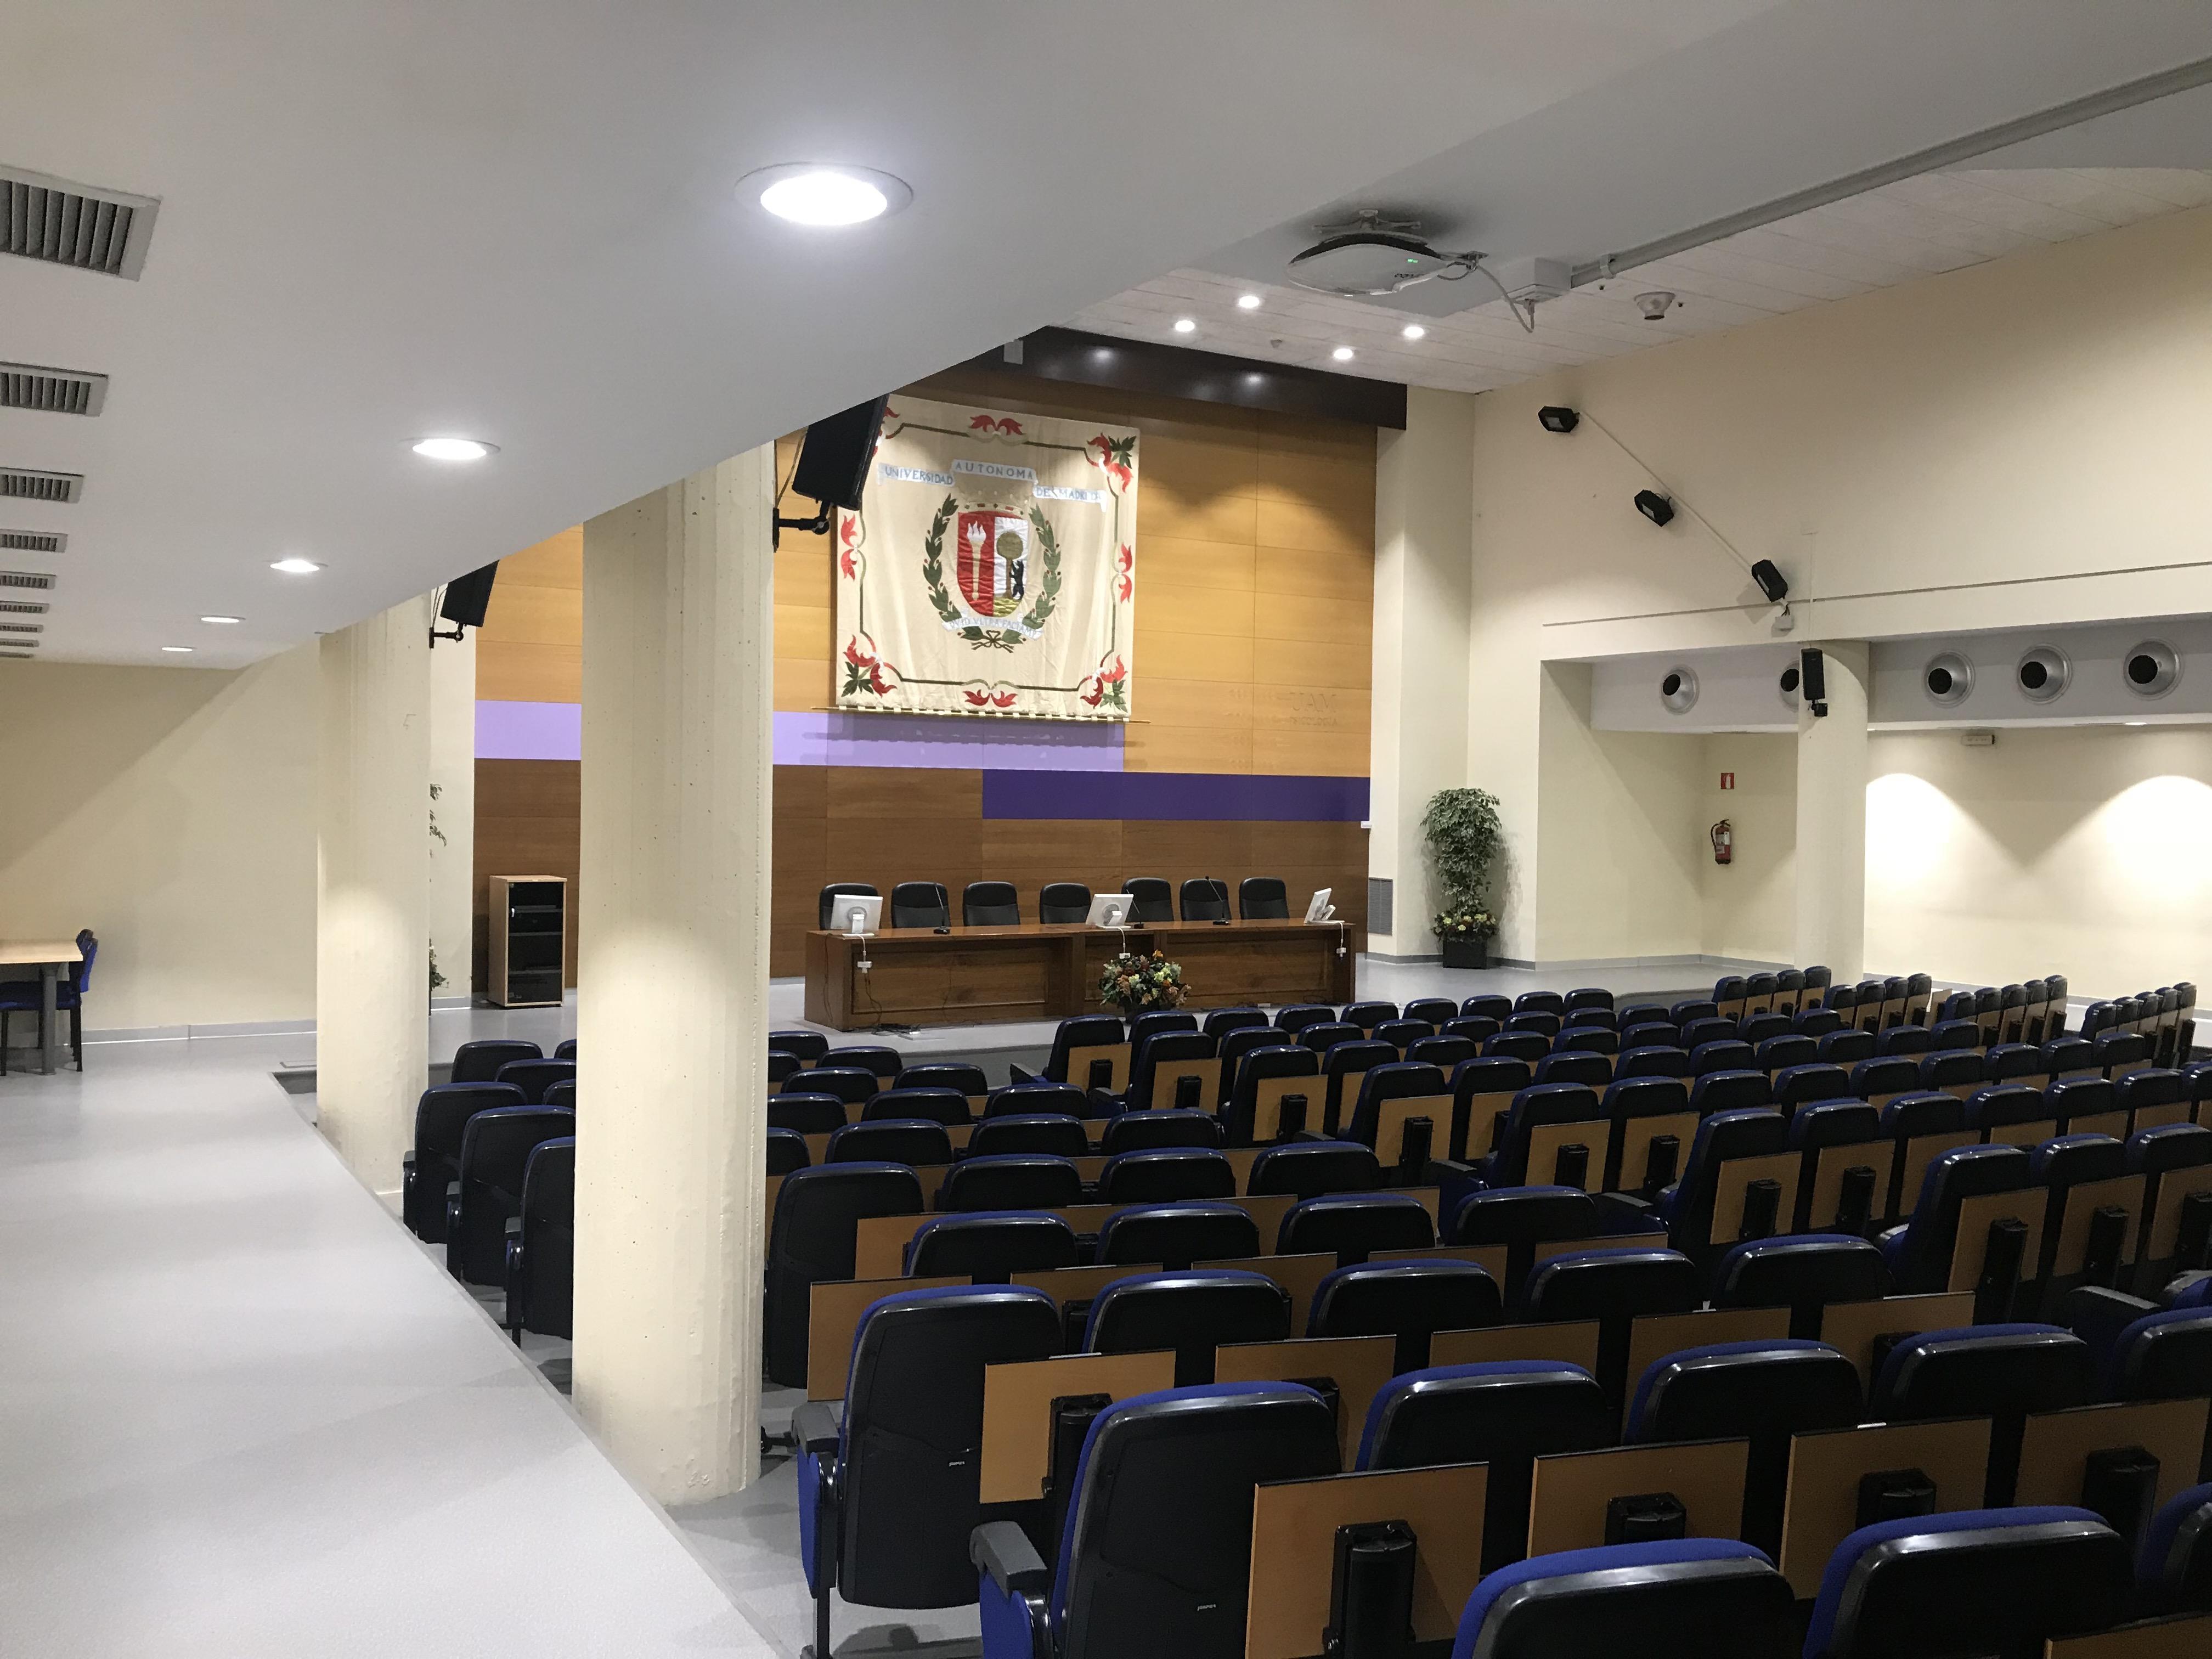 Psicología Universidad Autónoma De Madrid Teslaled